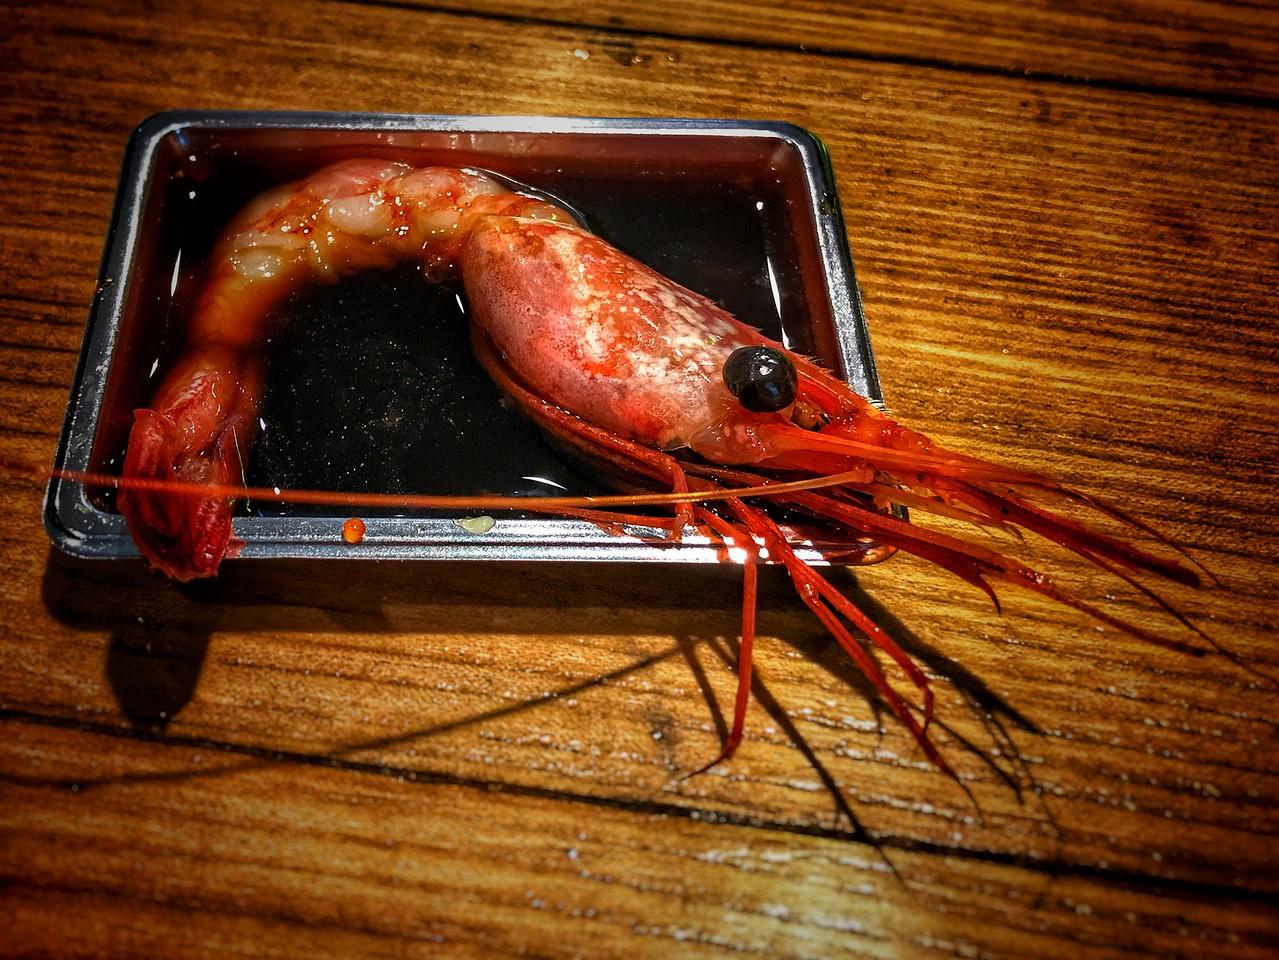 Tuesday Mar 27 - Shrimp Spa